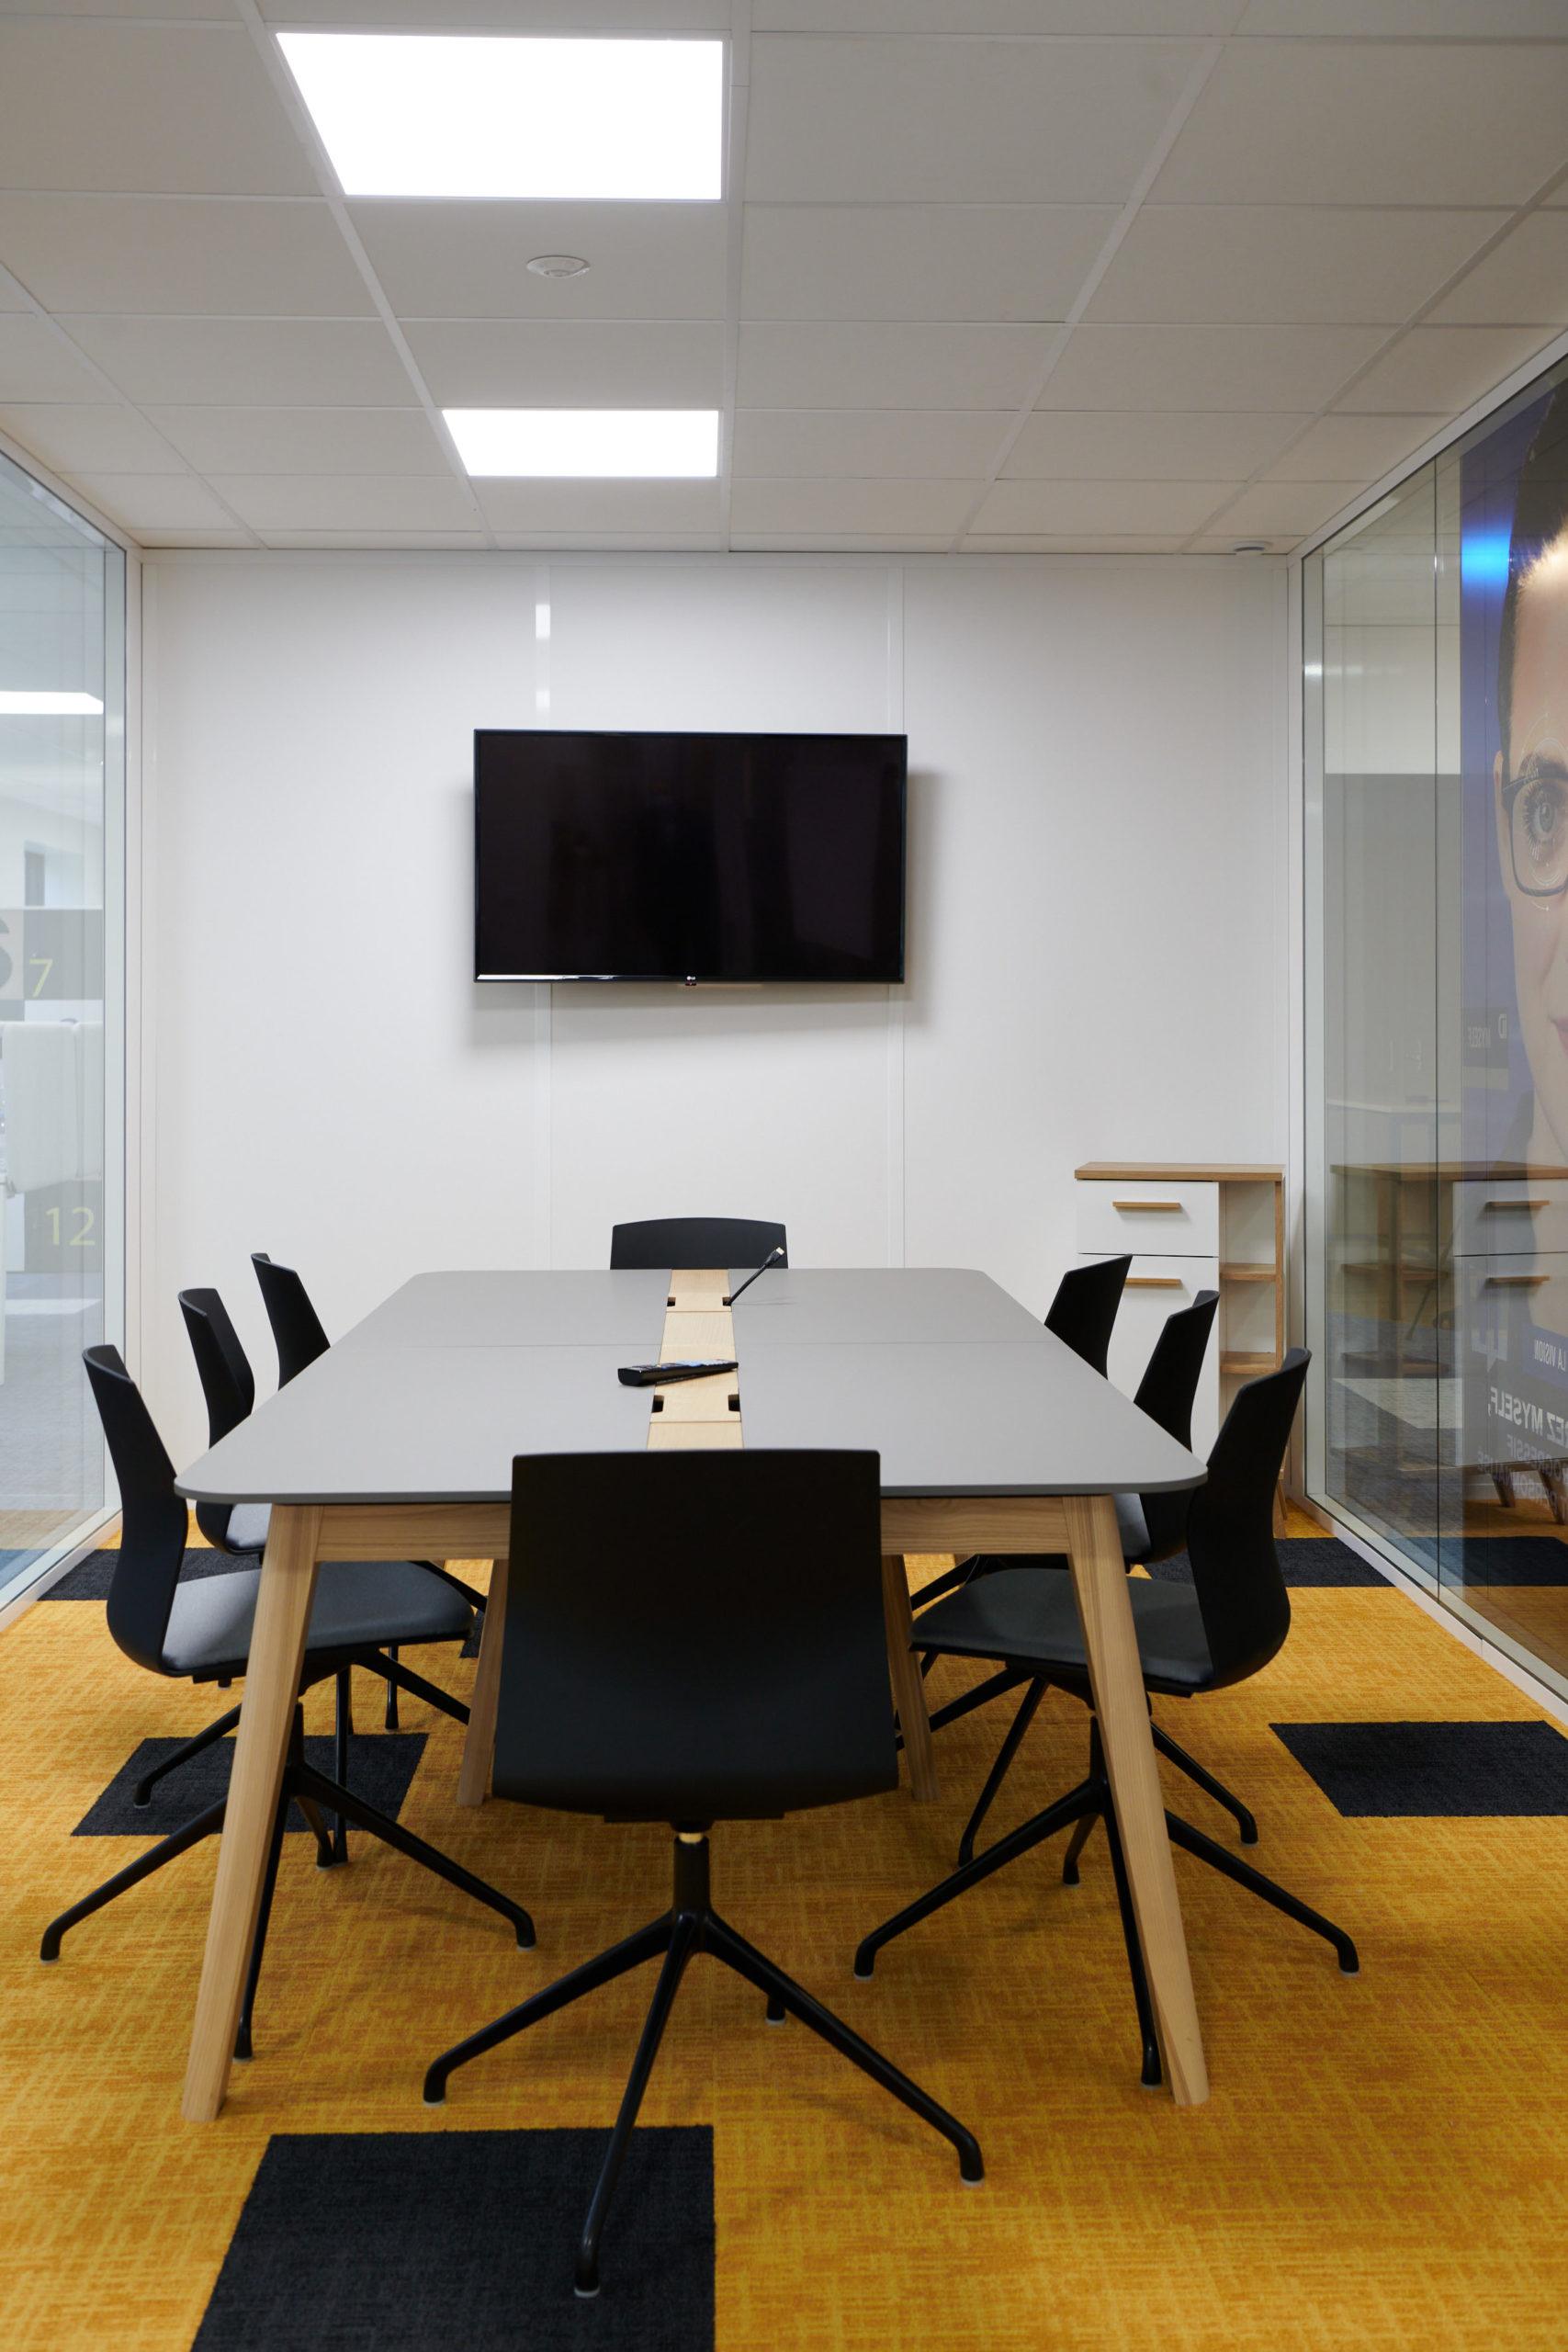 Hoya-table de réunion-écran vidéo-cloison vitré